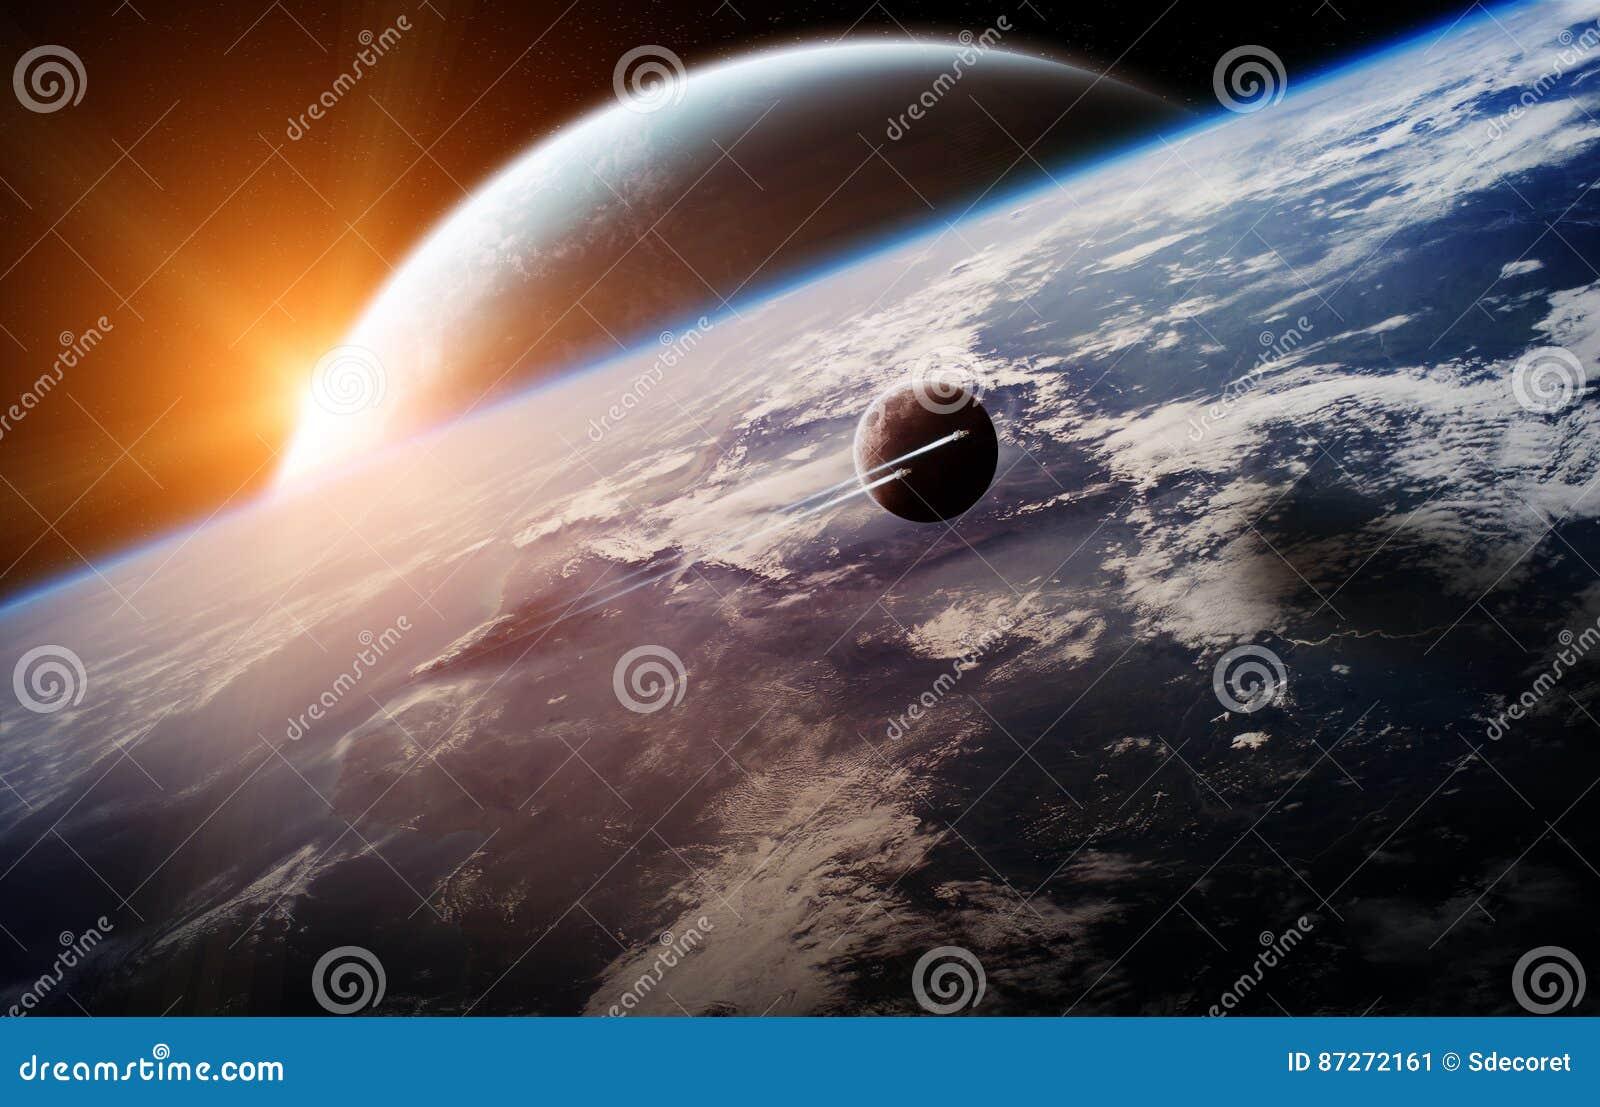 Sonnenaufgang über entferntem Planetensystem im Wiedergabeelement des Raumes 3D